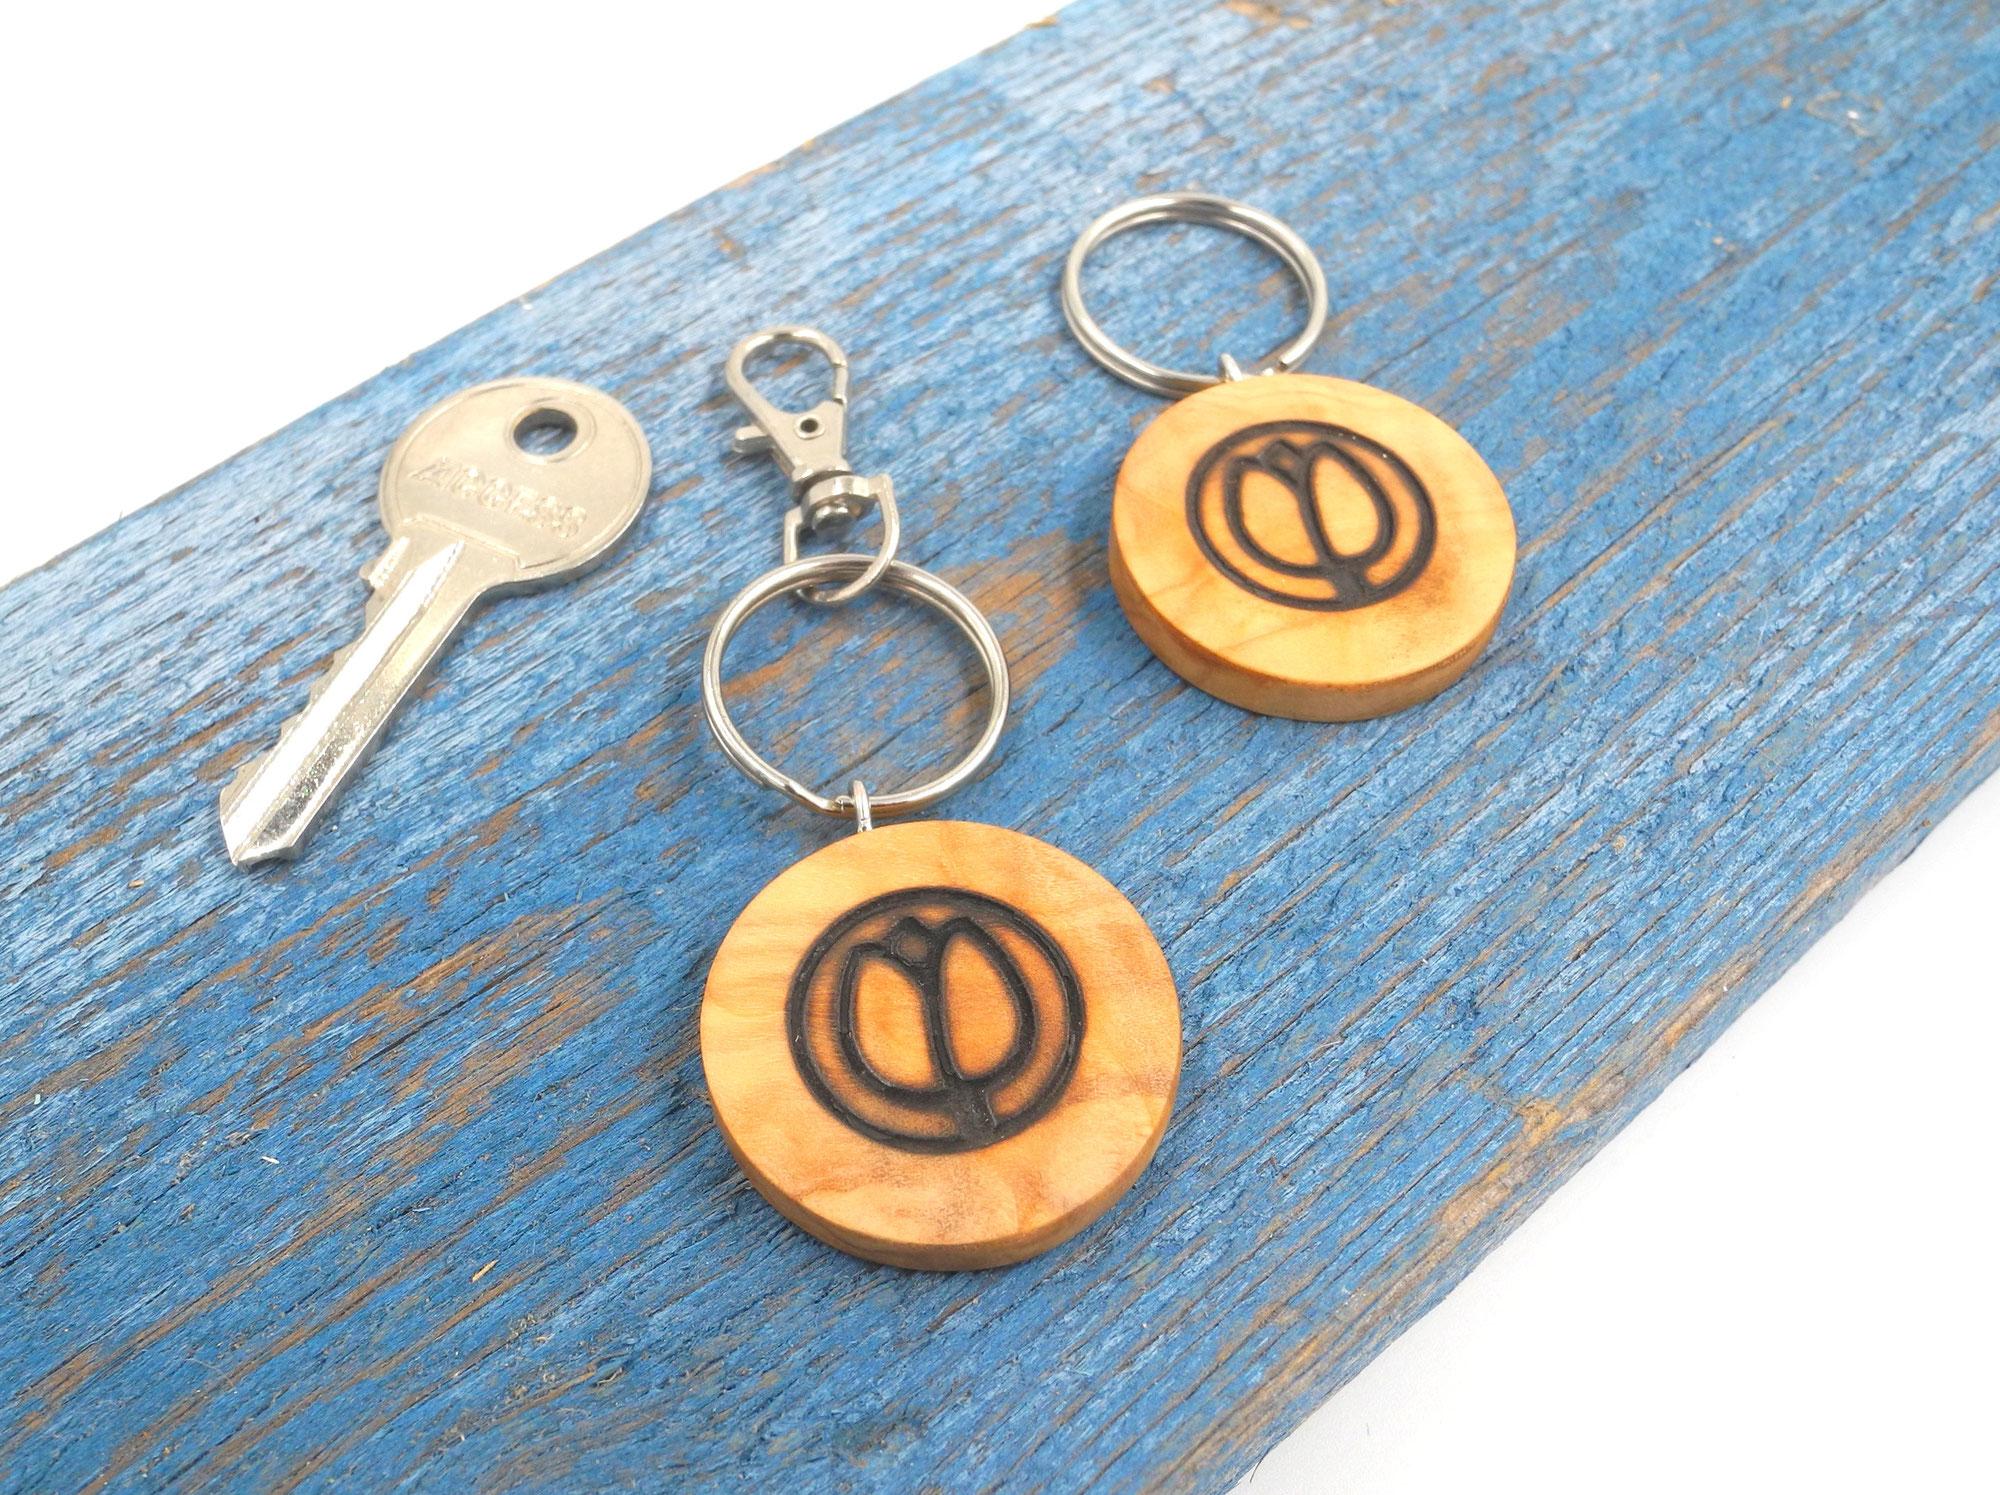 Edle handgefertigte Schlüsselanhänger Hotel